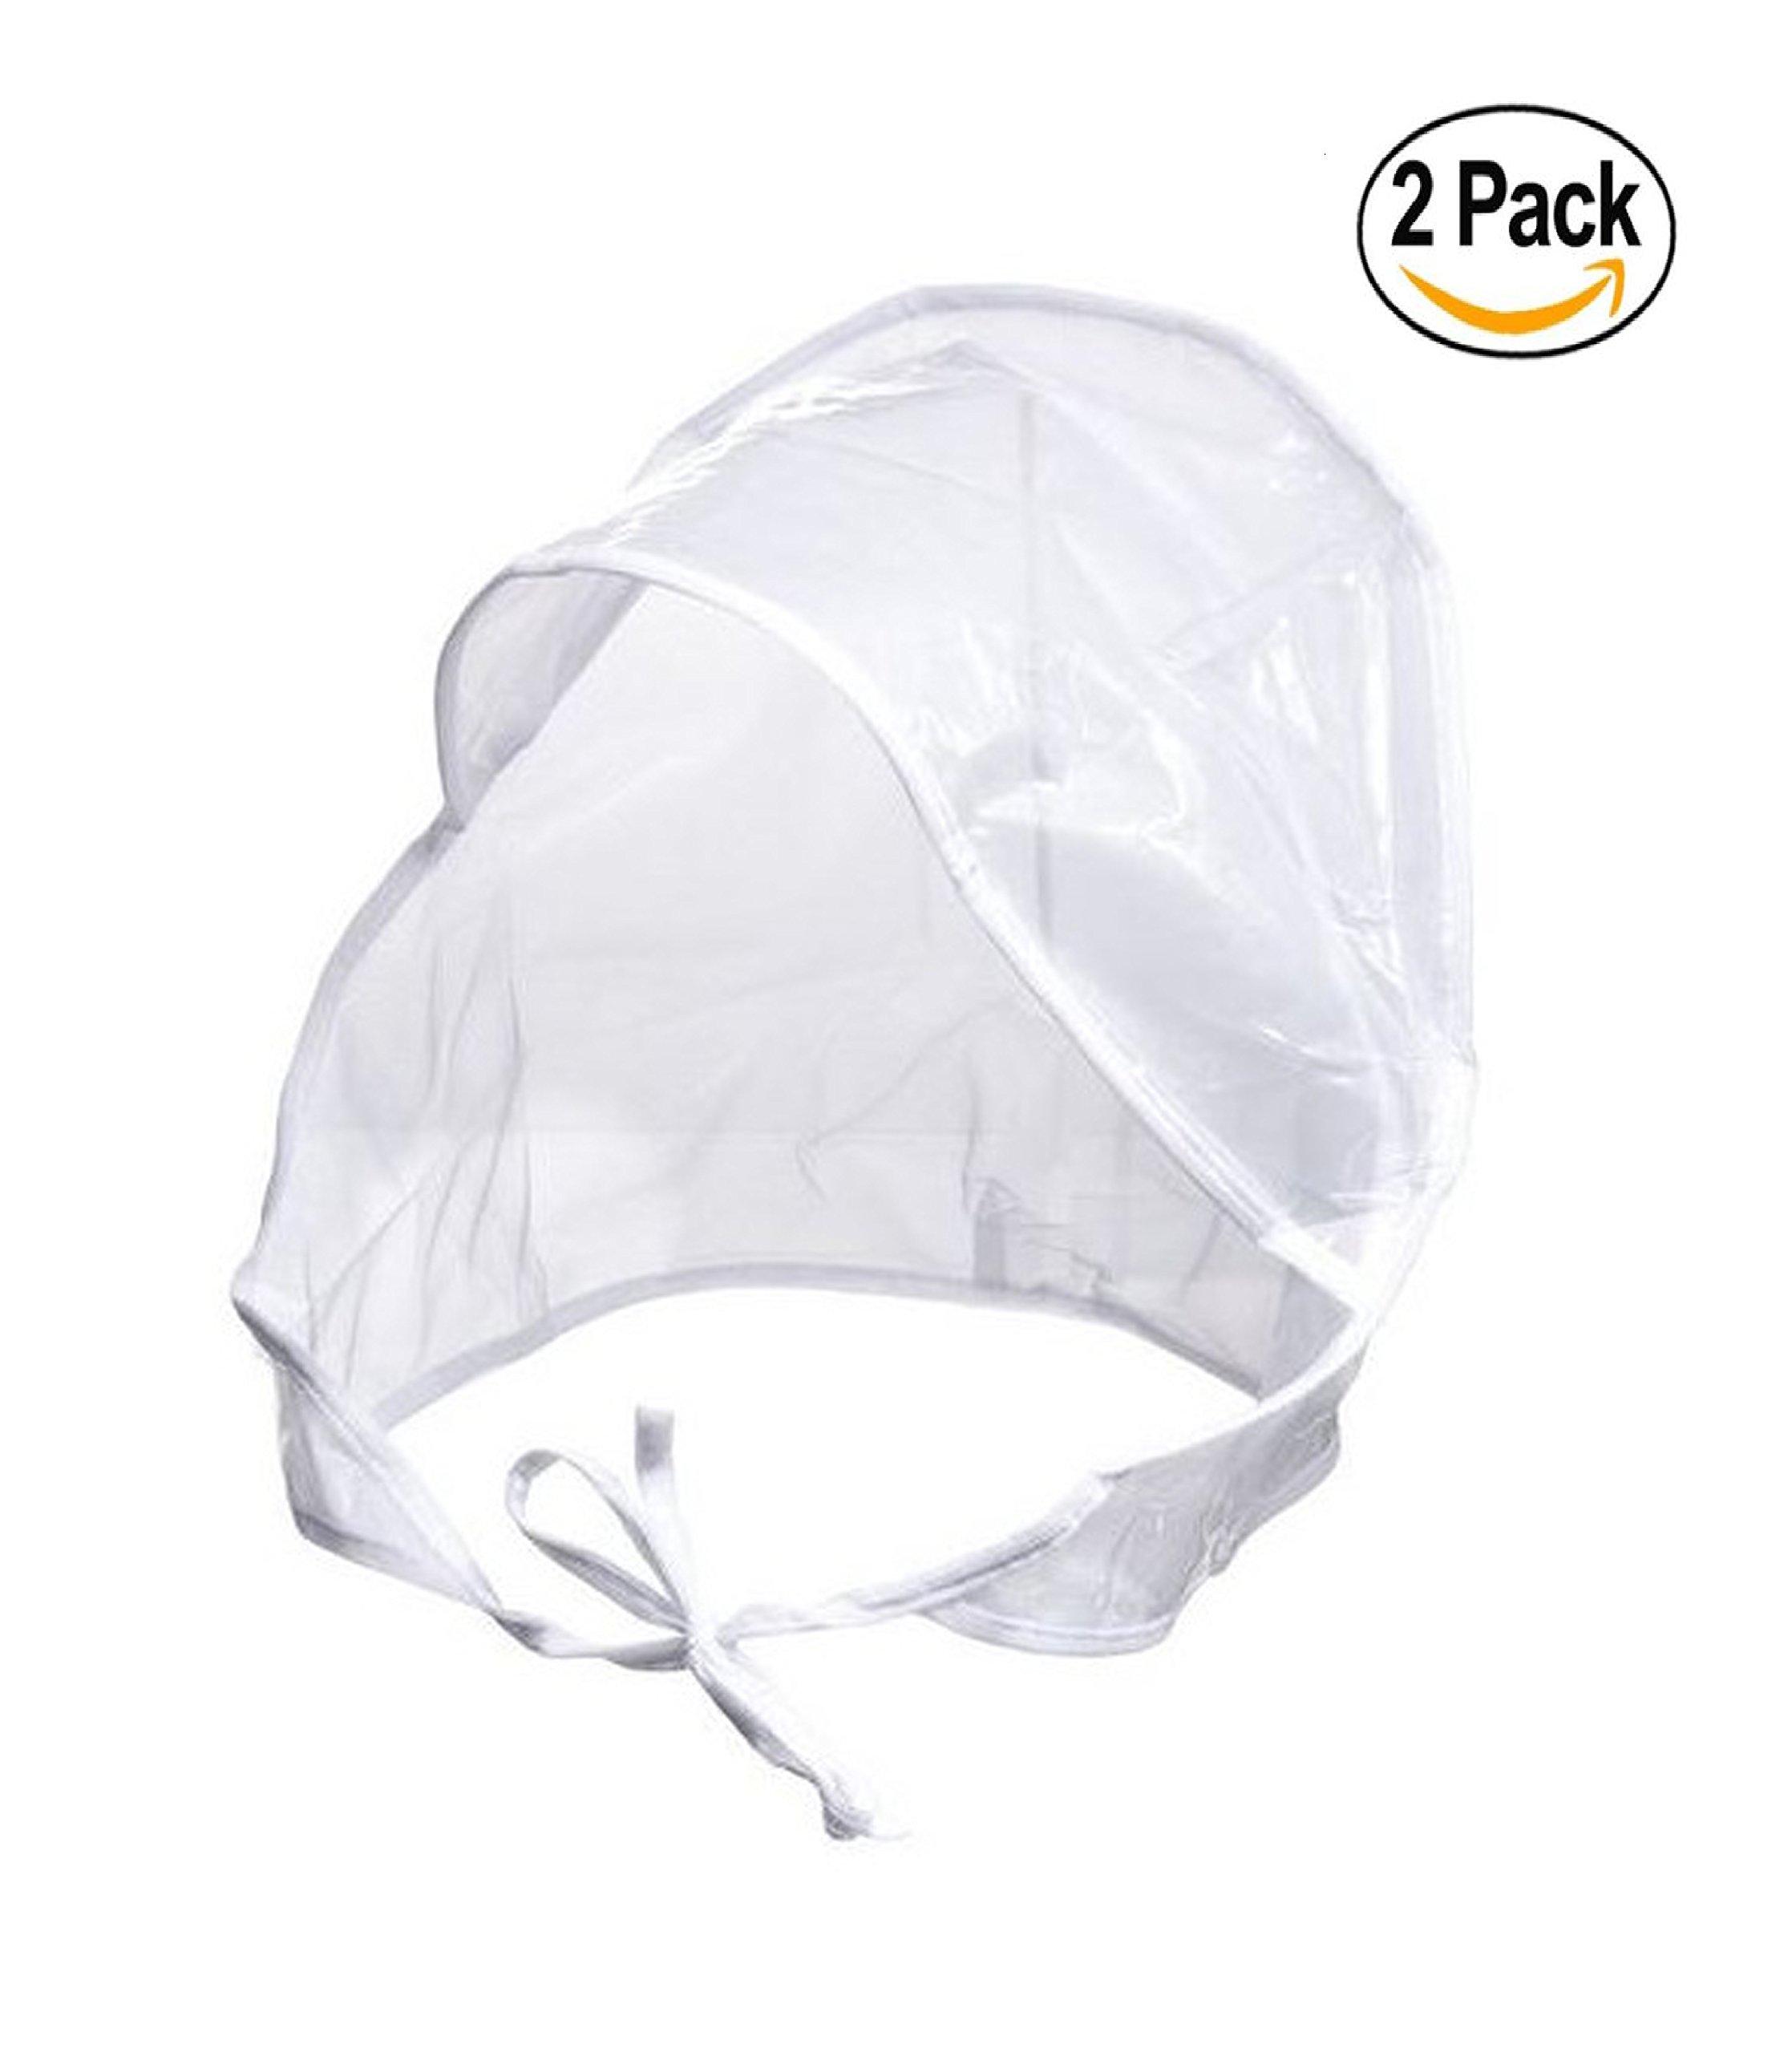 Fit Rite Women's Rain Bonnet with Full Cut Visor & Netting - 2 Pack - White